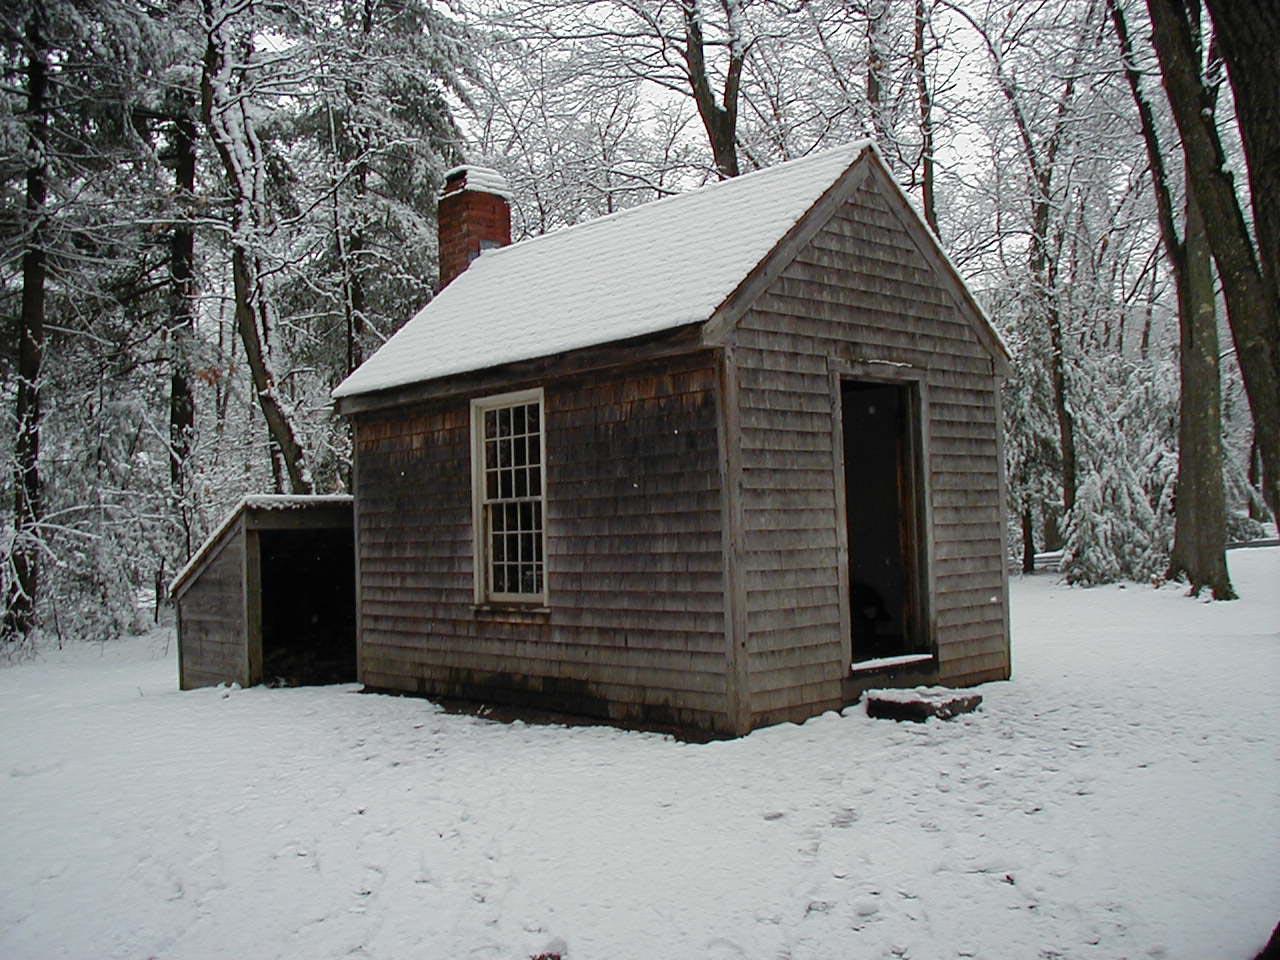 Replica of Thoreau's cabin near Walden Pond